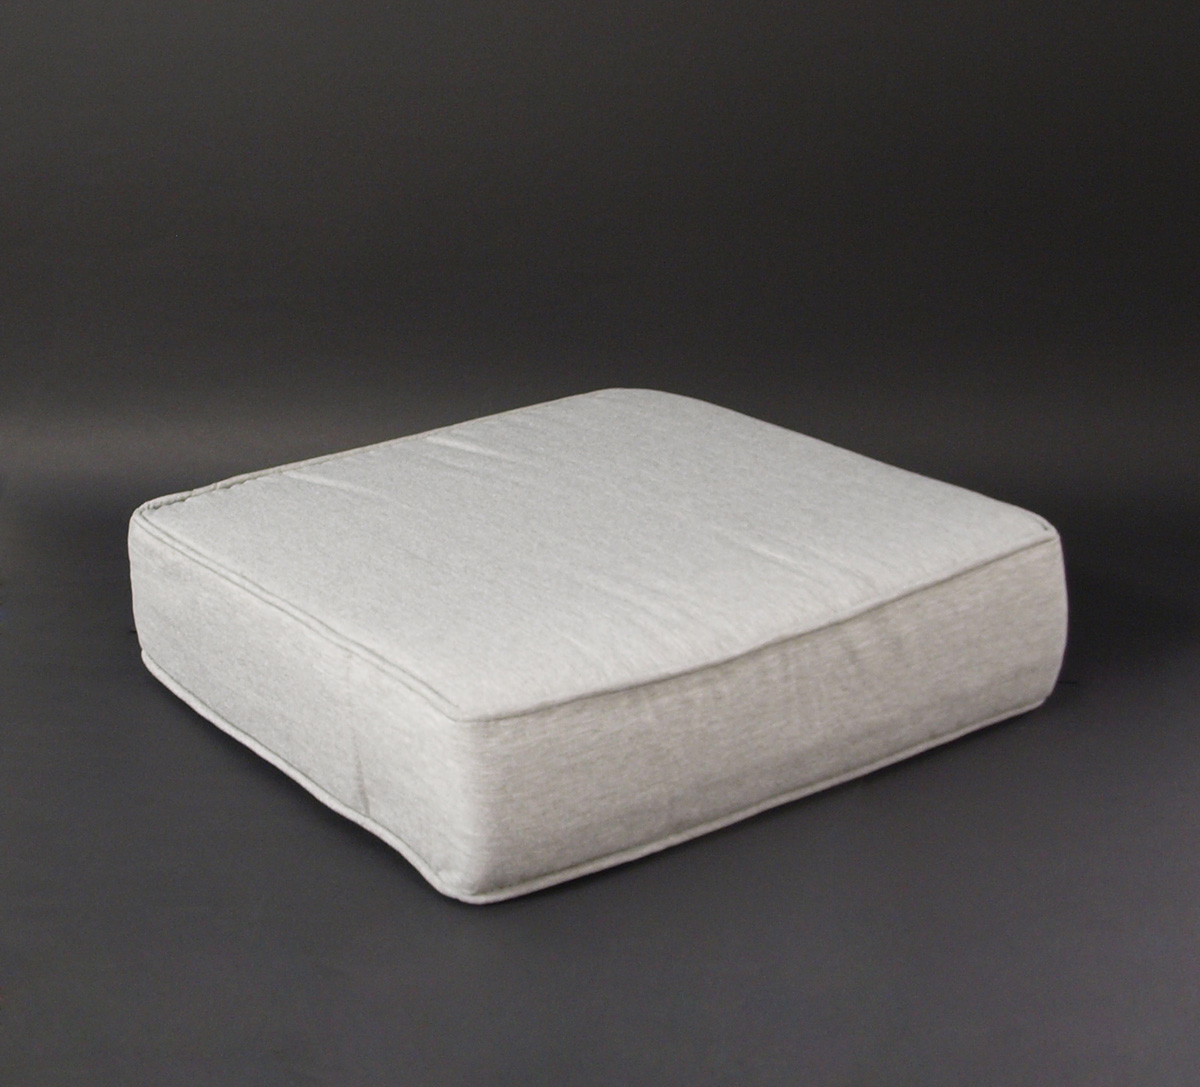 2x sitzauflage lounge sitzpolster sitzkissen 40x40x10cm hellgrau in boxform ebay. Black Bedroom Furniture Sets. Home Design Ideas